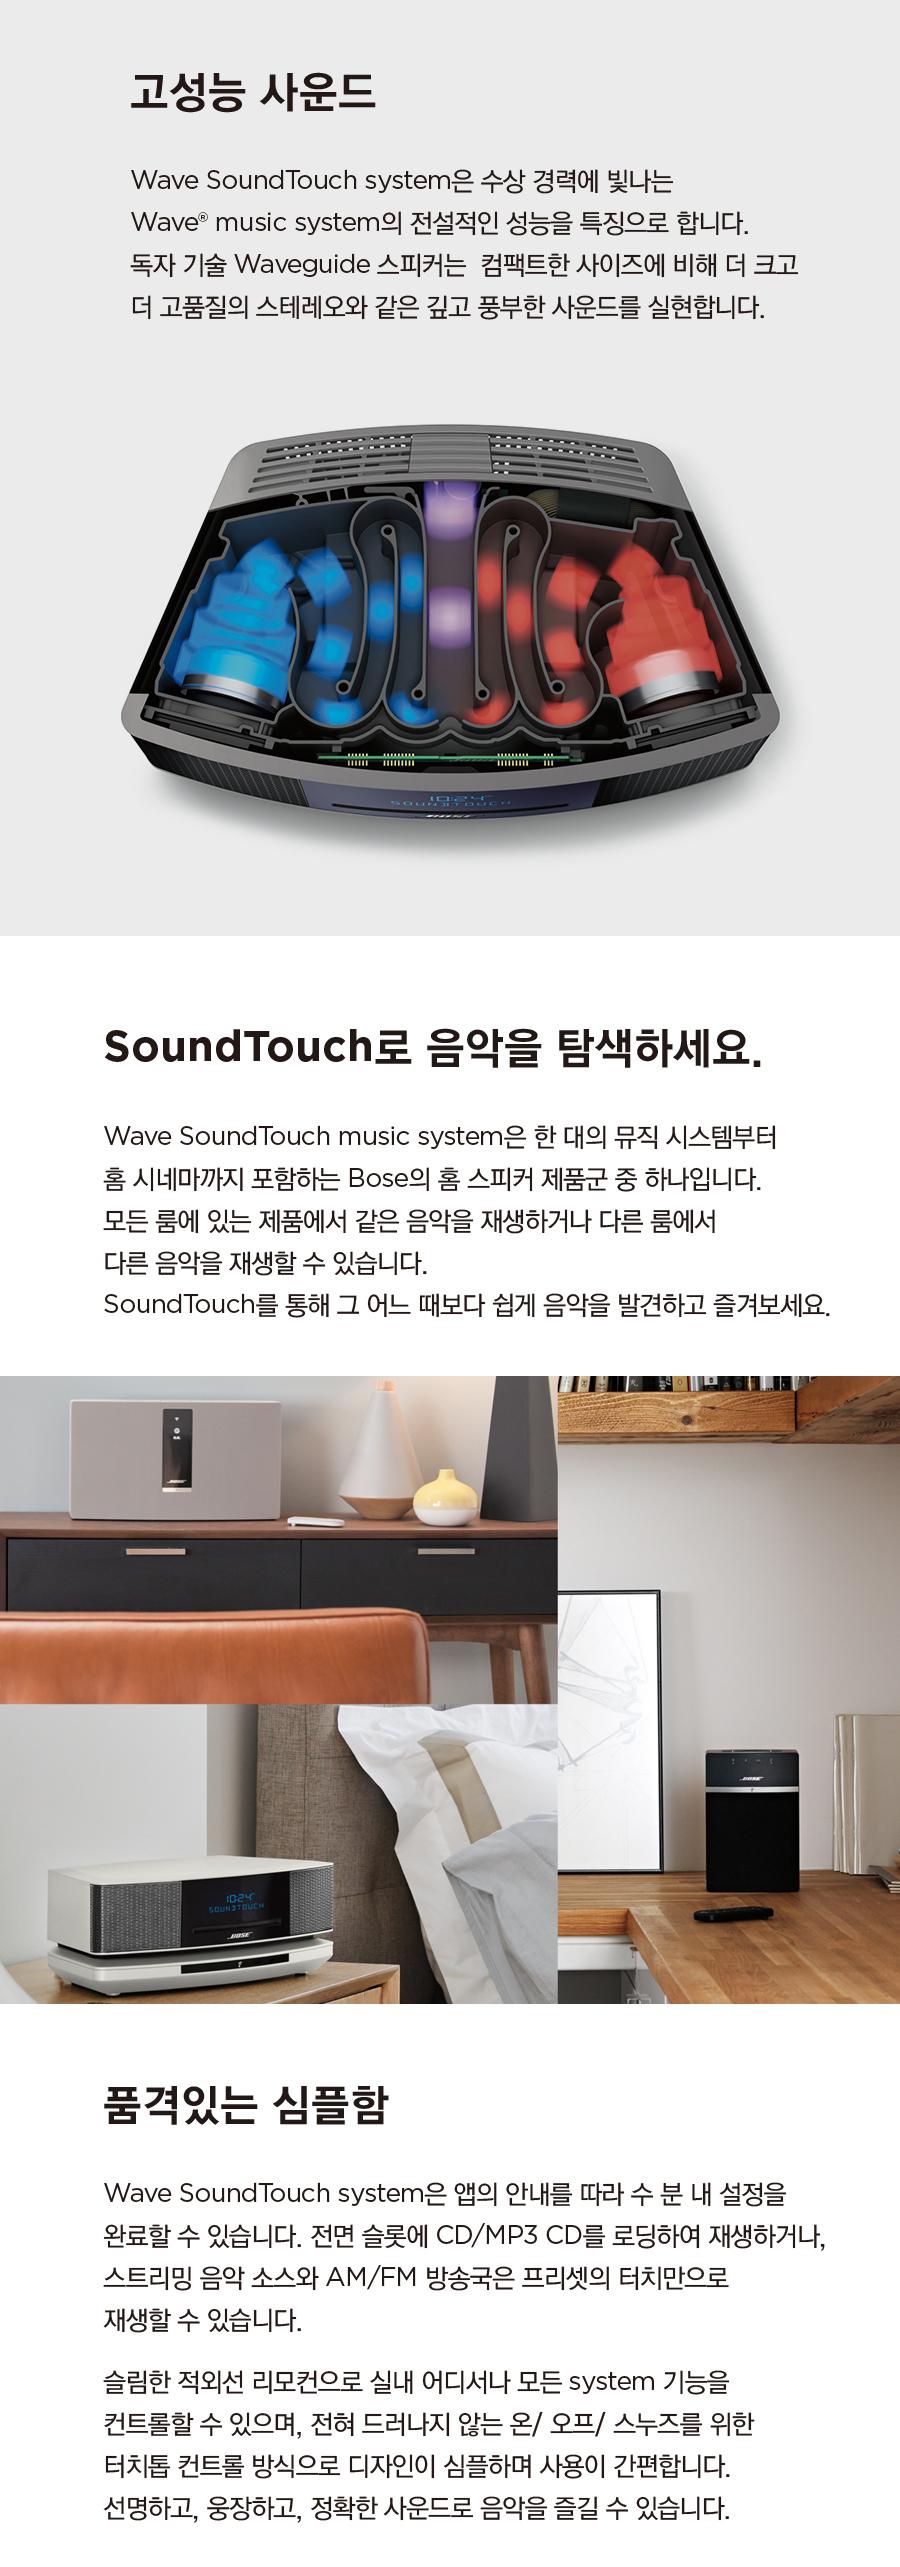 보스(BOSE) Wave SoundTouch 블루투스 스피커